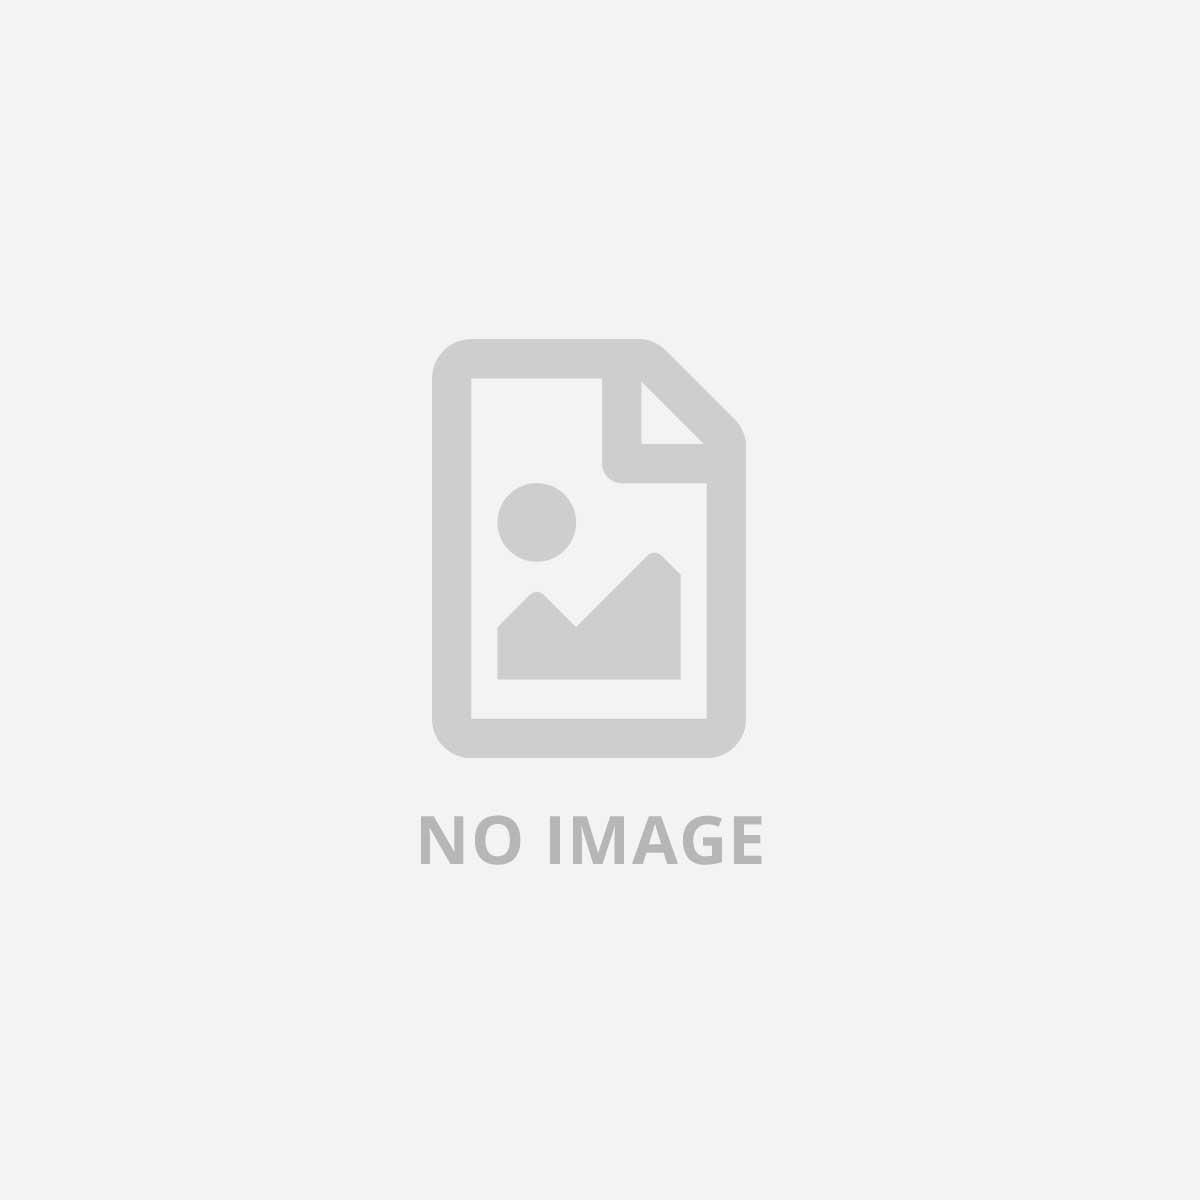 BENQ X-SIGN CARD STANDALONE PREMIUM